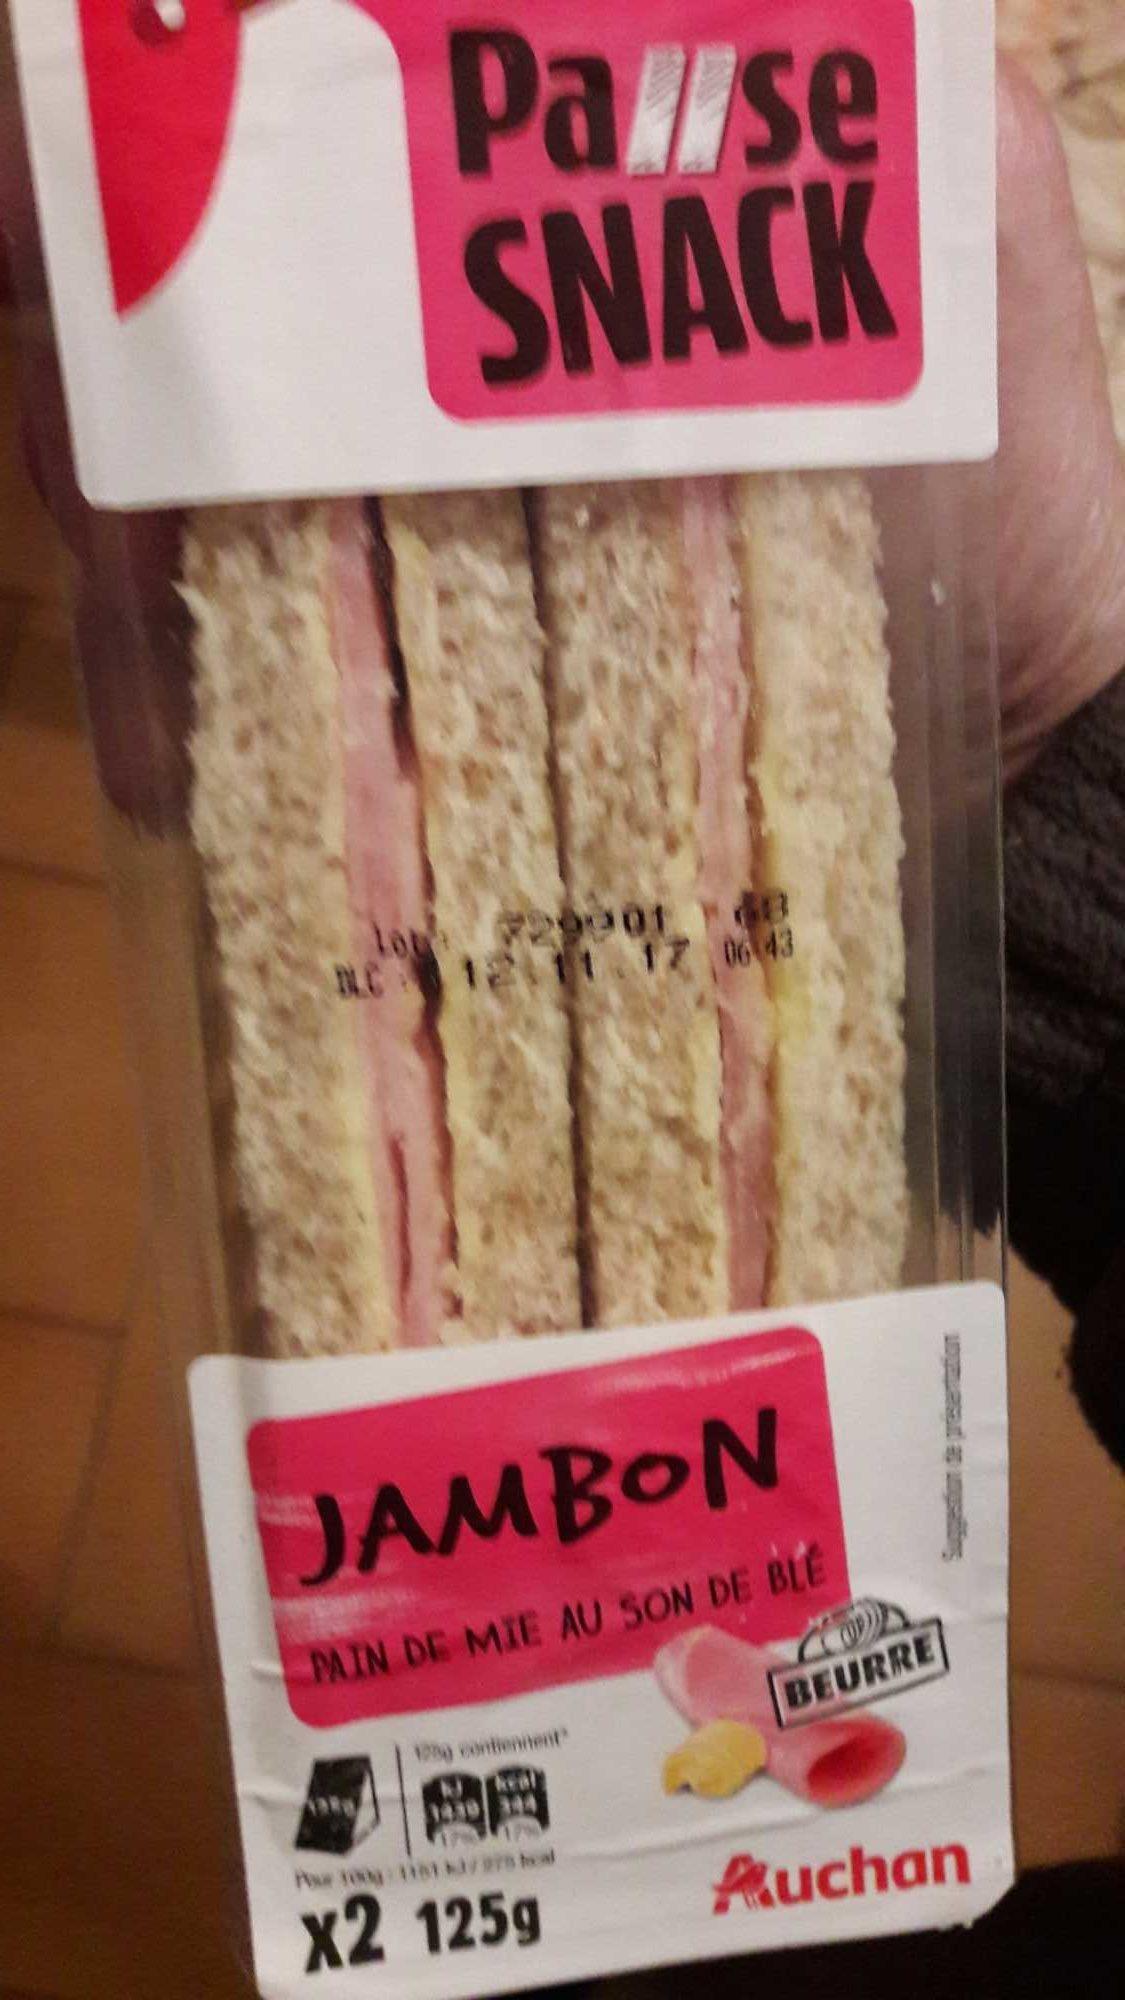 Pause Snack - Sandwich Jambon Beurre Pain de Mie au Son de Blé - Product - fr